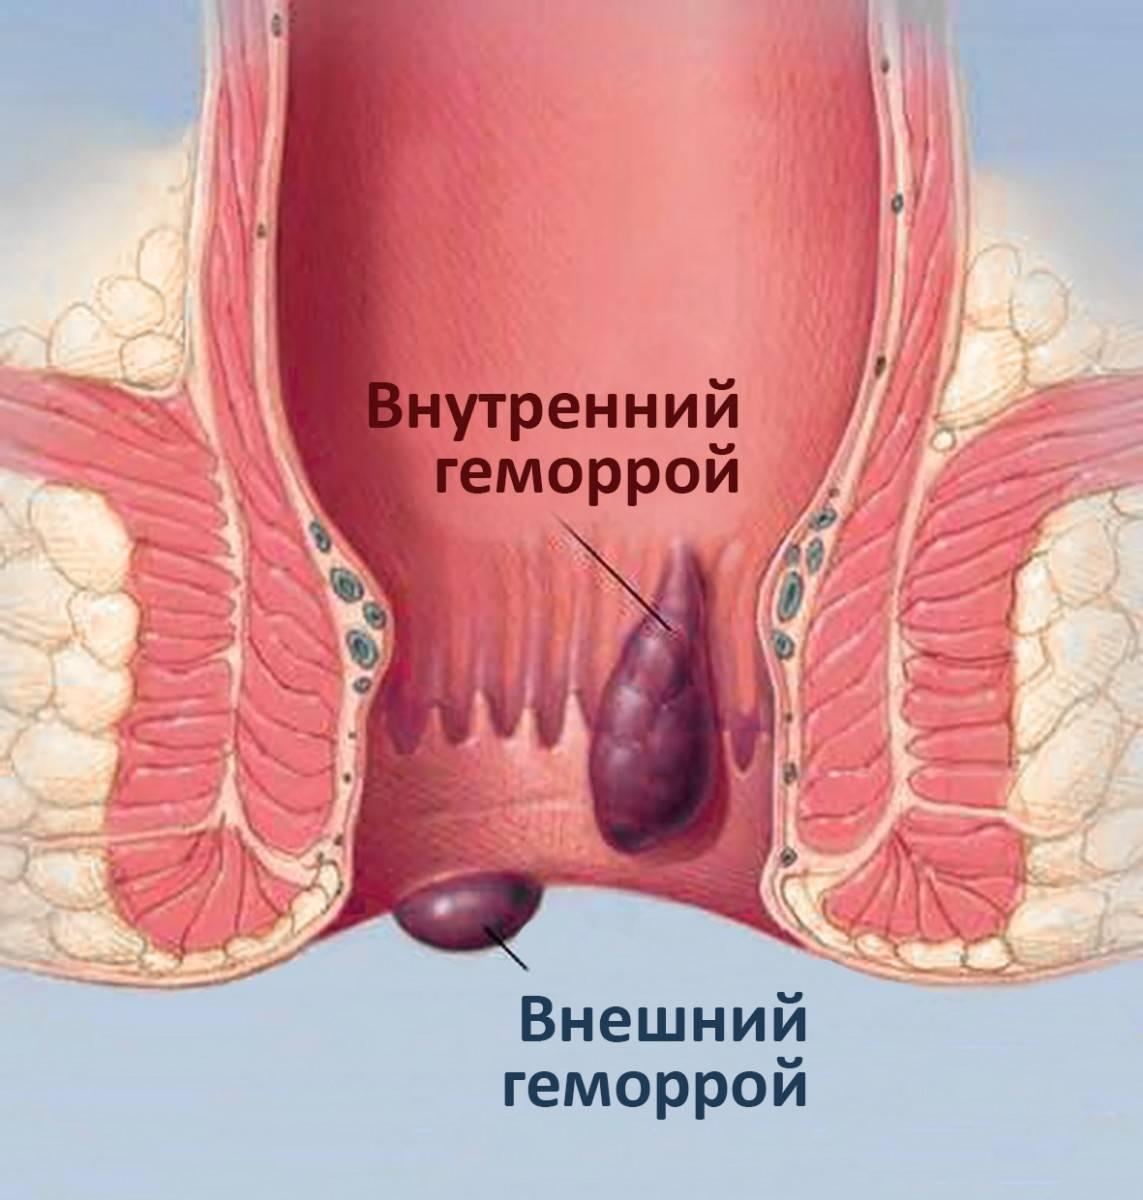 Хронический геморрой: причины, симптомы, лечение